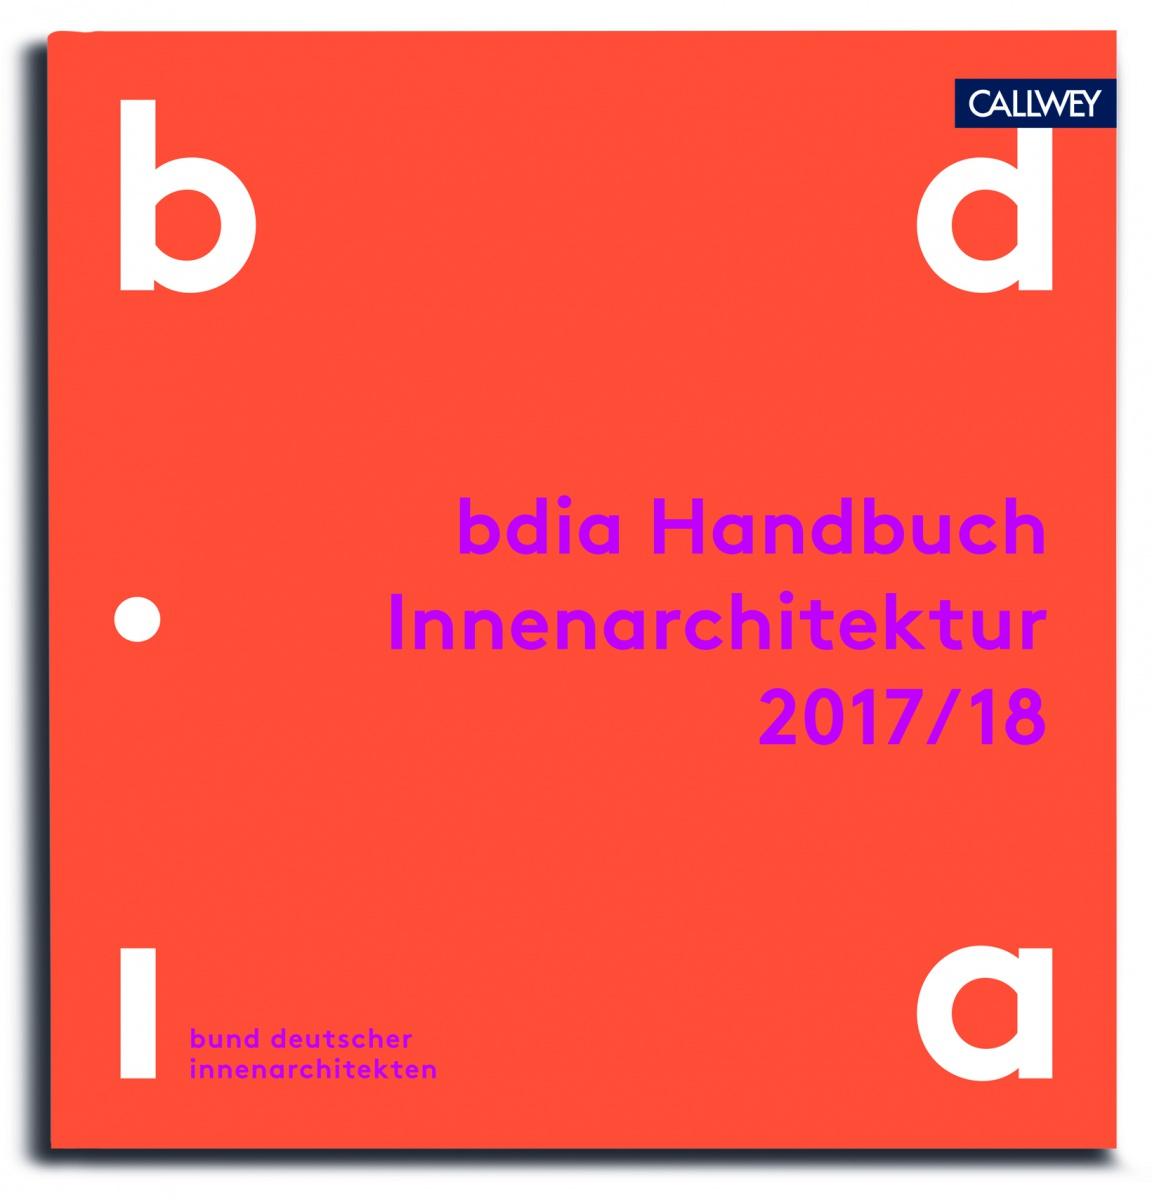 bdia handbuch innenarchitektur 2017/18 erschienen! - bdia bund, Innenarchitektur ideen